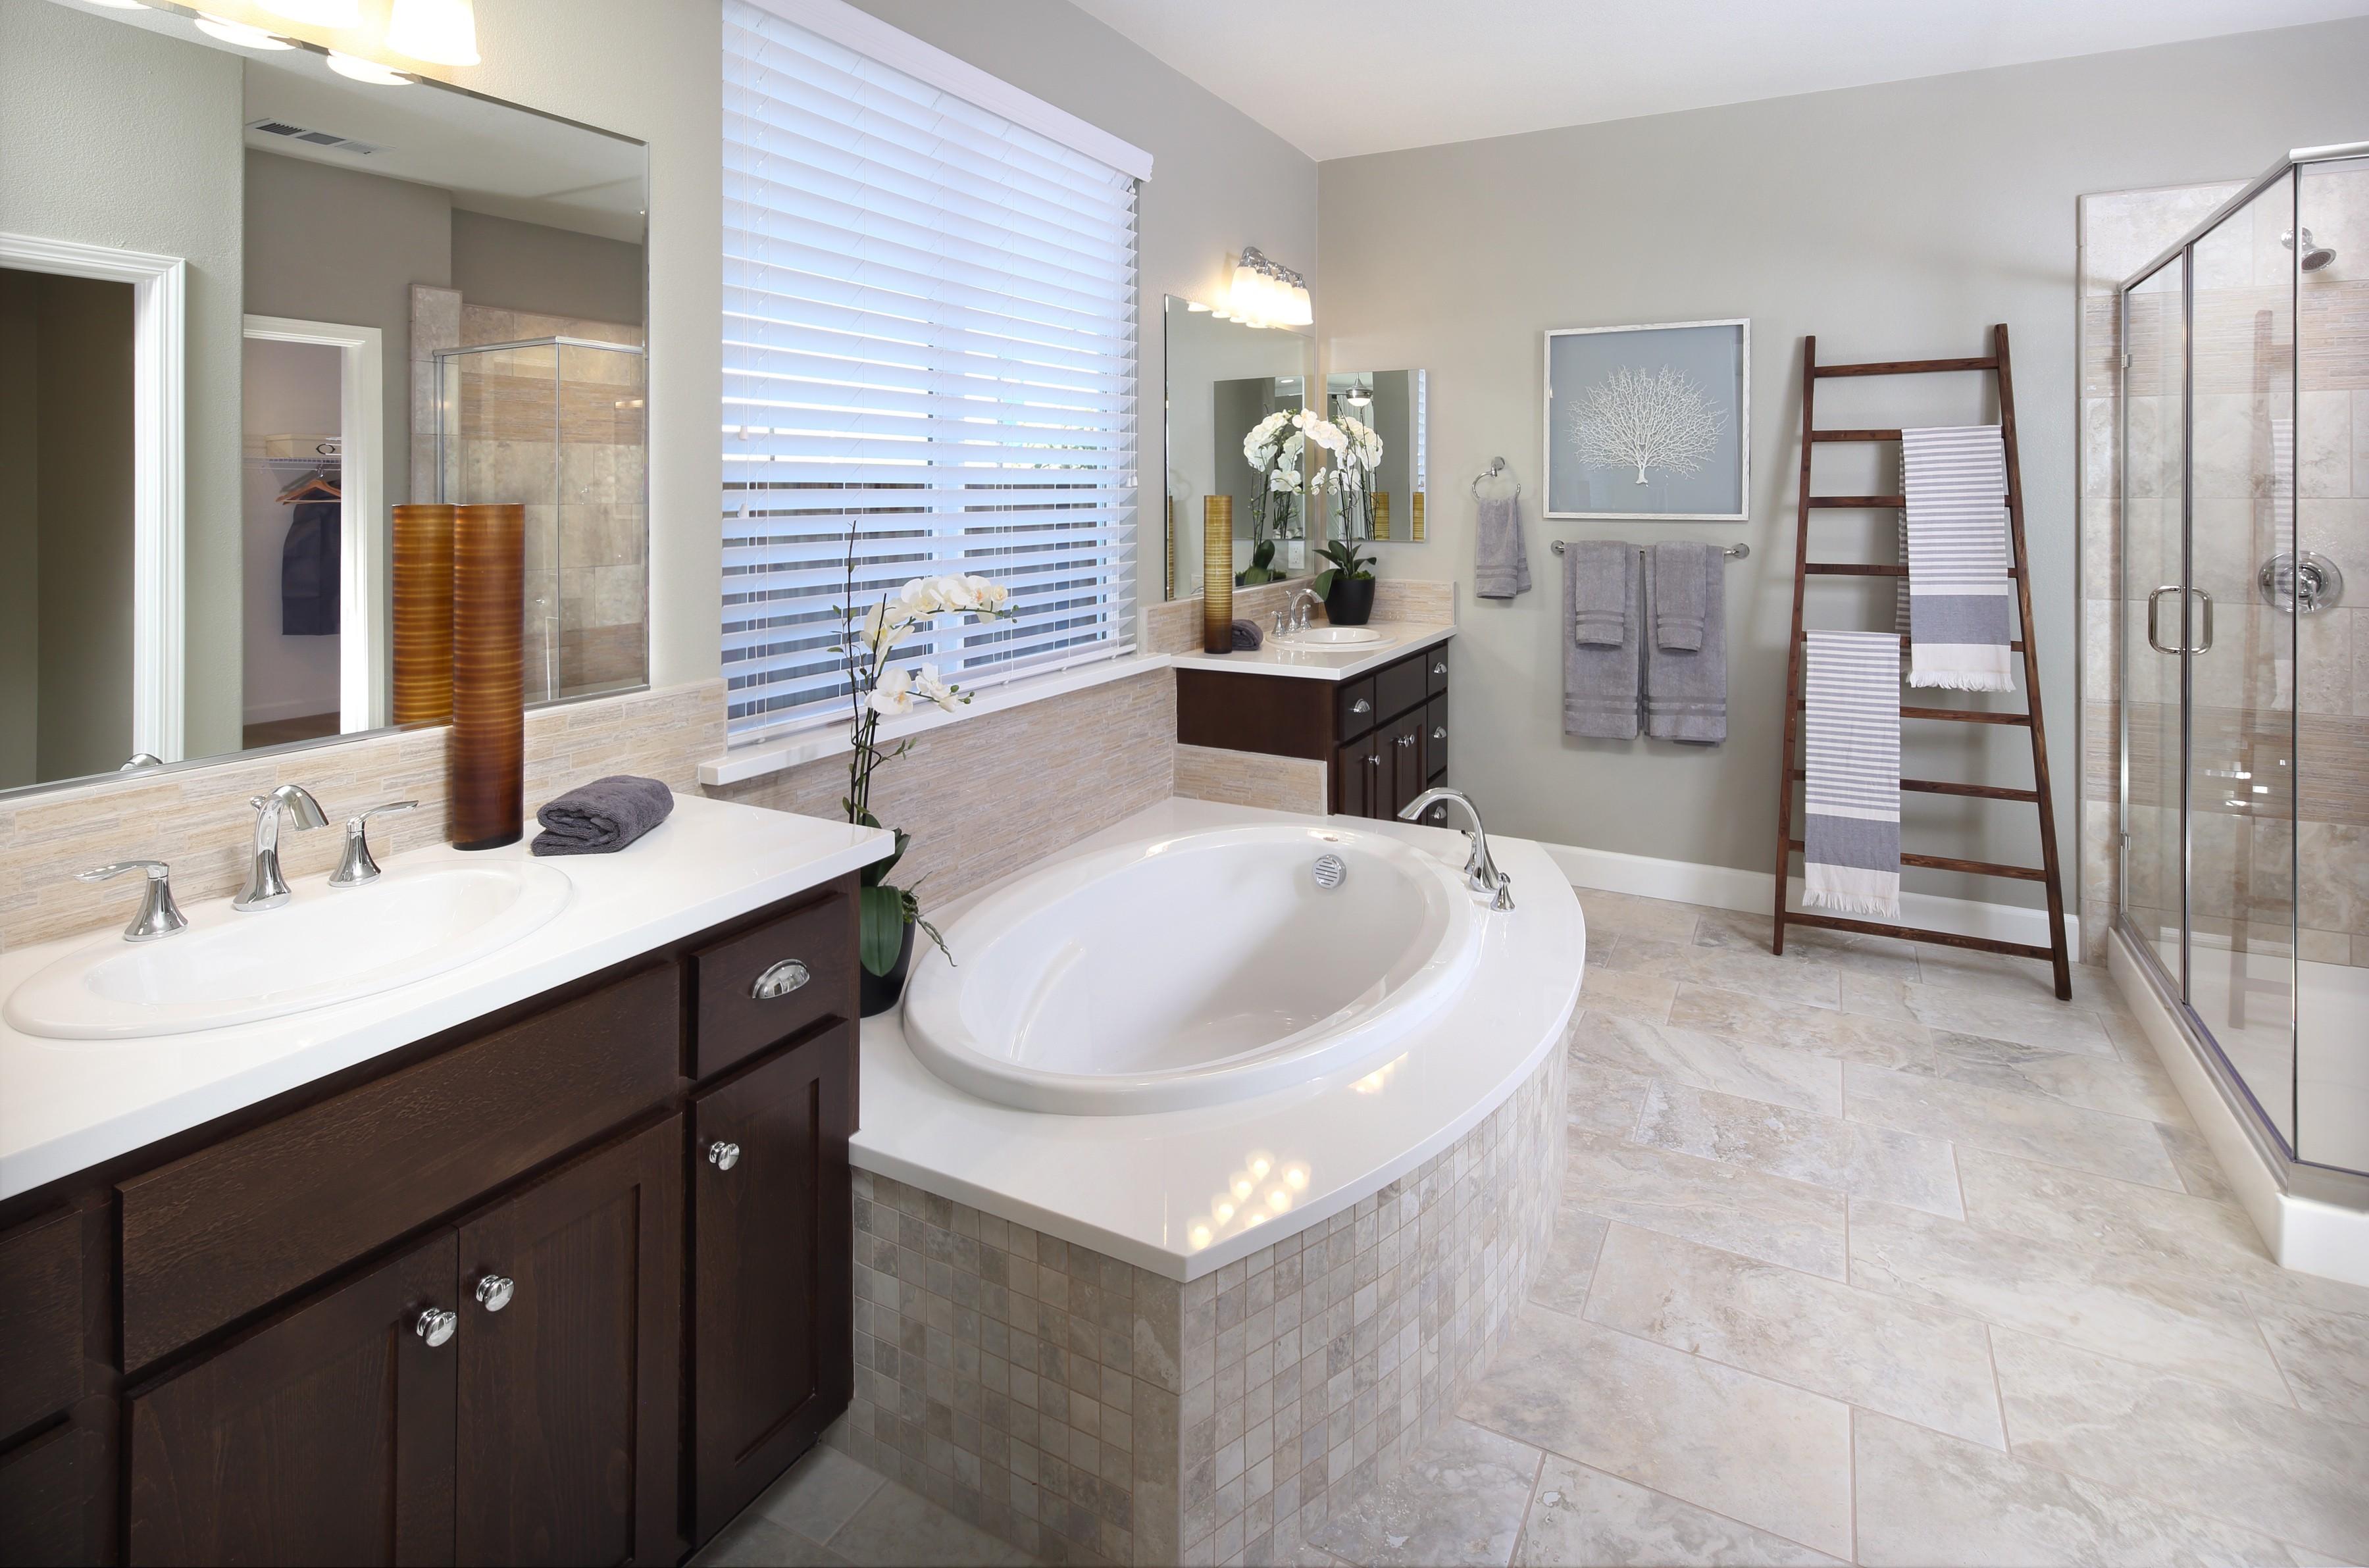 Wash basin tiles   Elite Builder Services